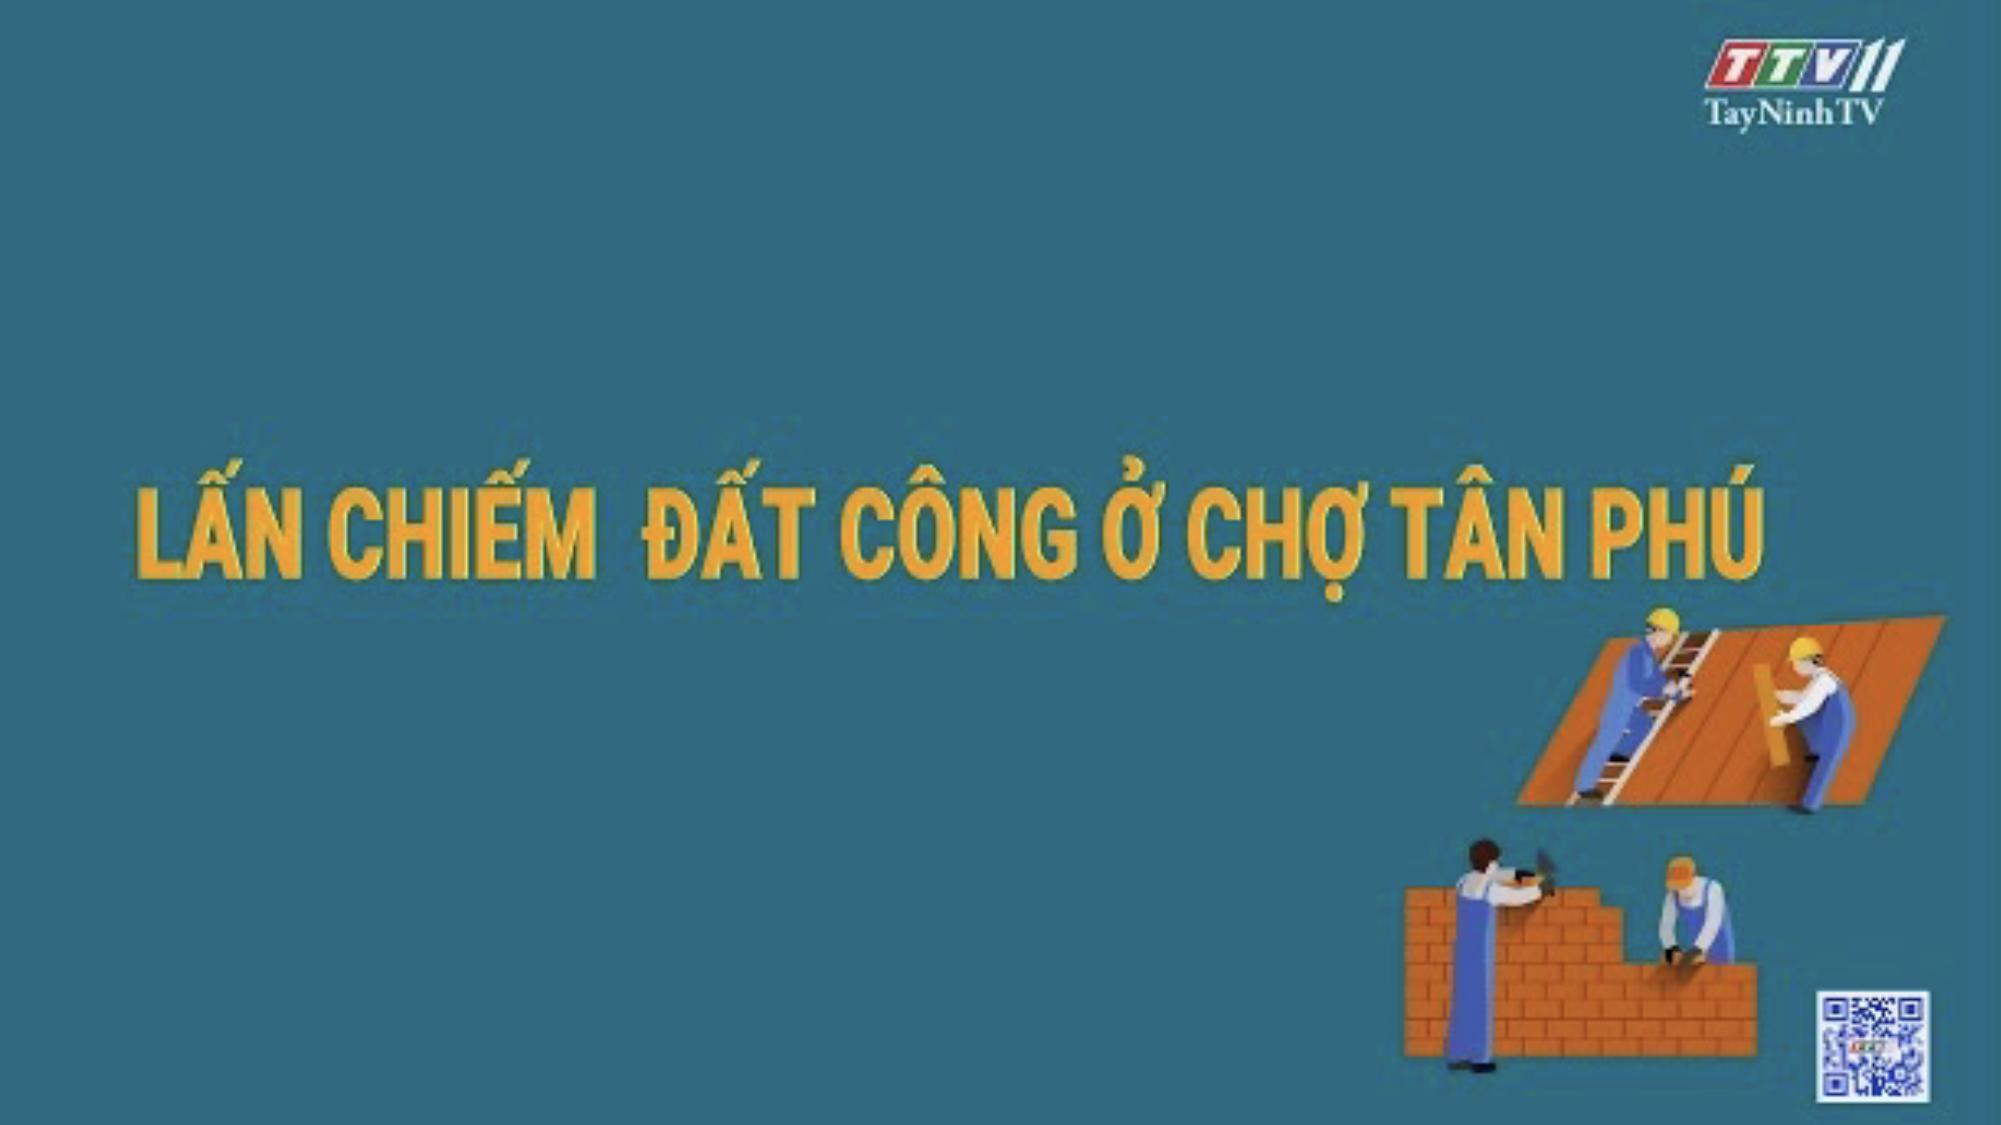 Lấn chiếm đất công ở chợ Tân Phú _ Đường chợ Tân Châu hư hỏng nặng | Hộp thư truyền hình | TayNinhTV